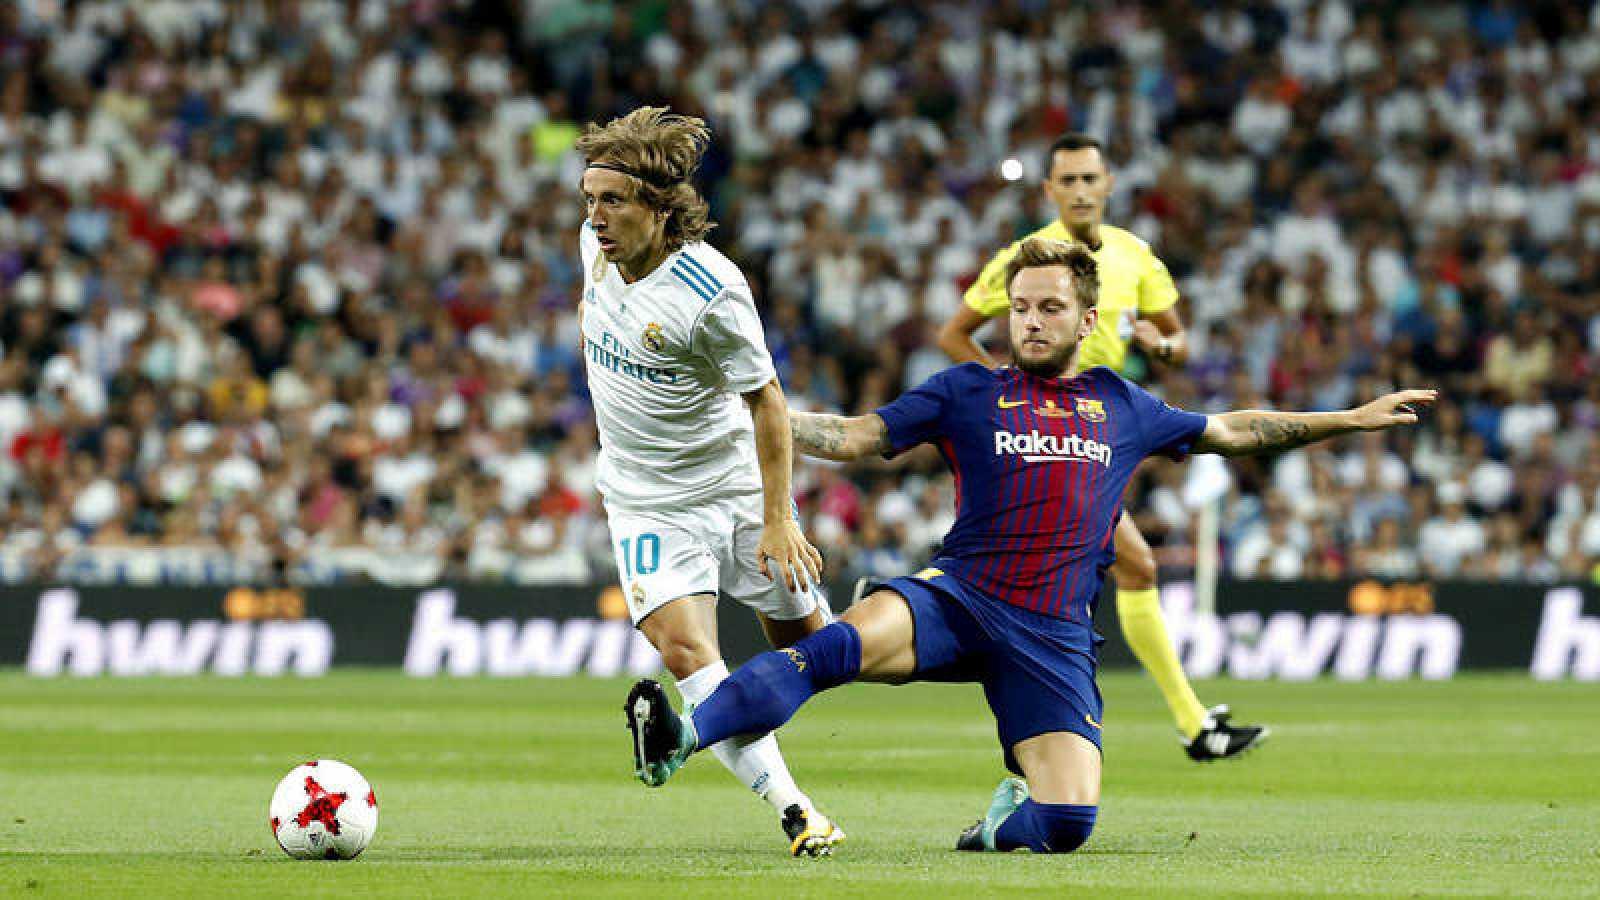 Modric trata de conducir el balón ante Rakitic en un momento del partido